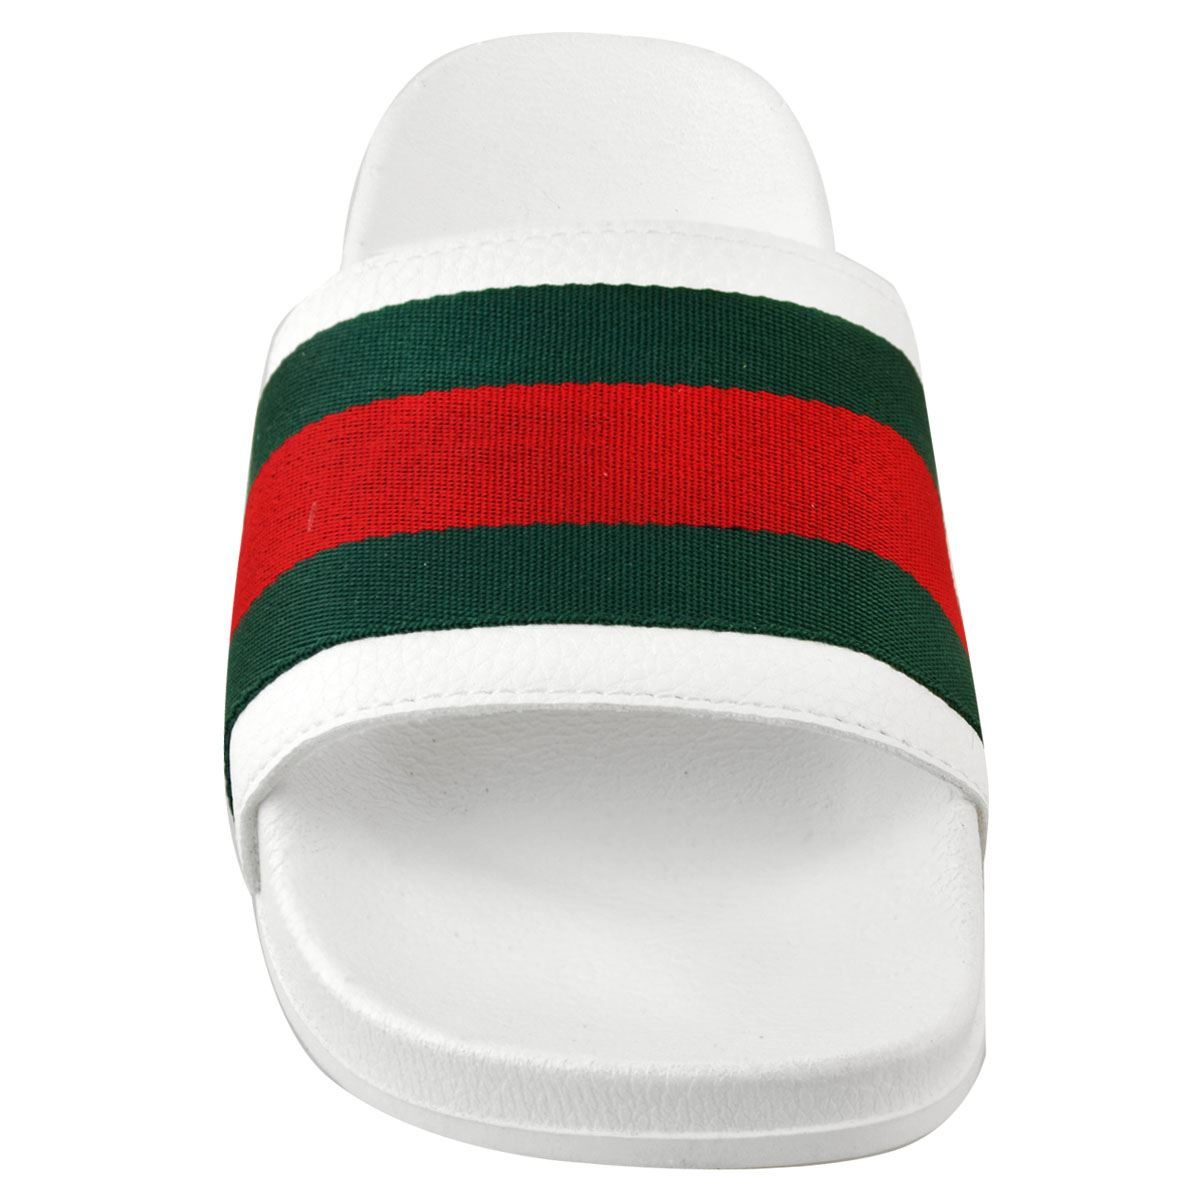 Mens-Guys-Flat-Rubber-Slides-Sliders-Stripe-Sandals-Pool-Beach-Designer-New-Size thumbnail 16